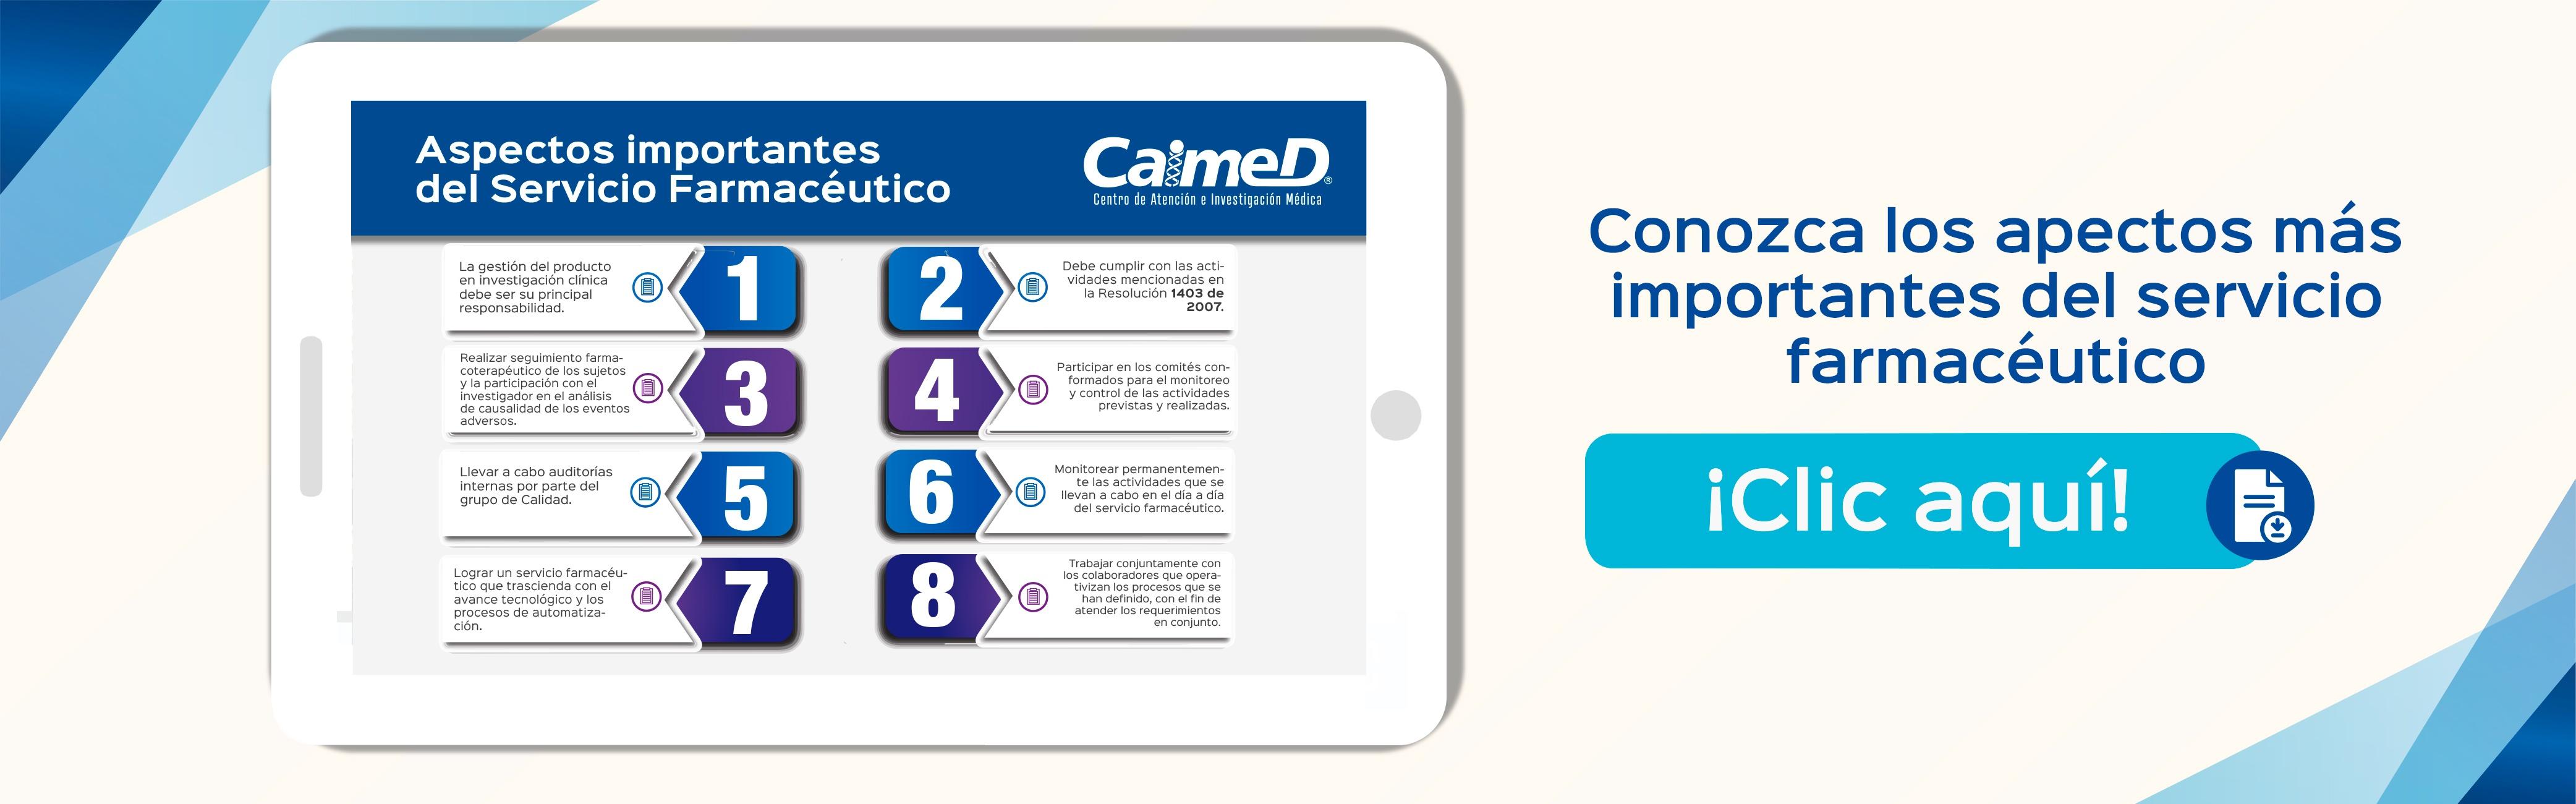 Aspectos importantes del servicio farmacéutico - CAIMED